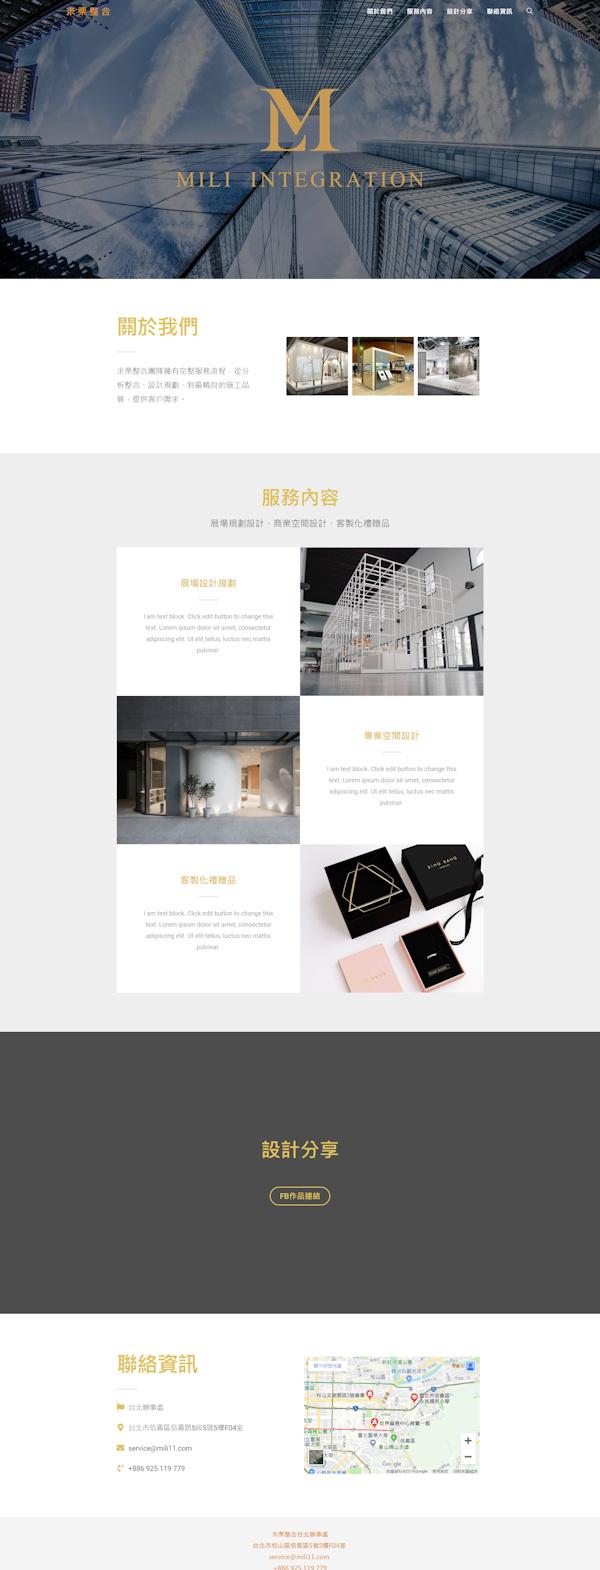 網頁設計-展場規劃2